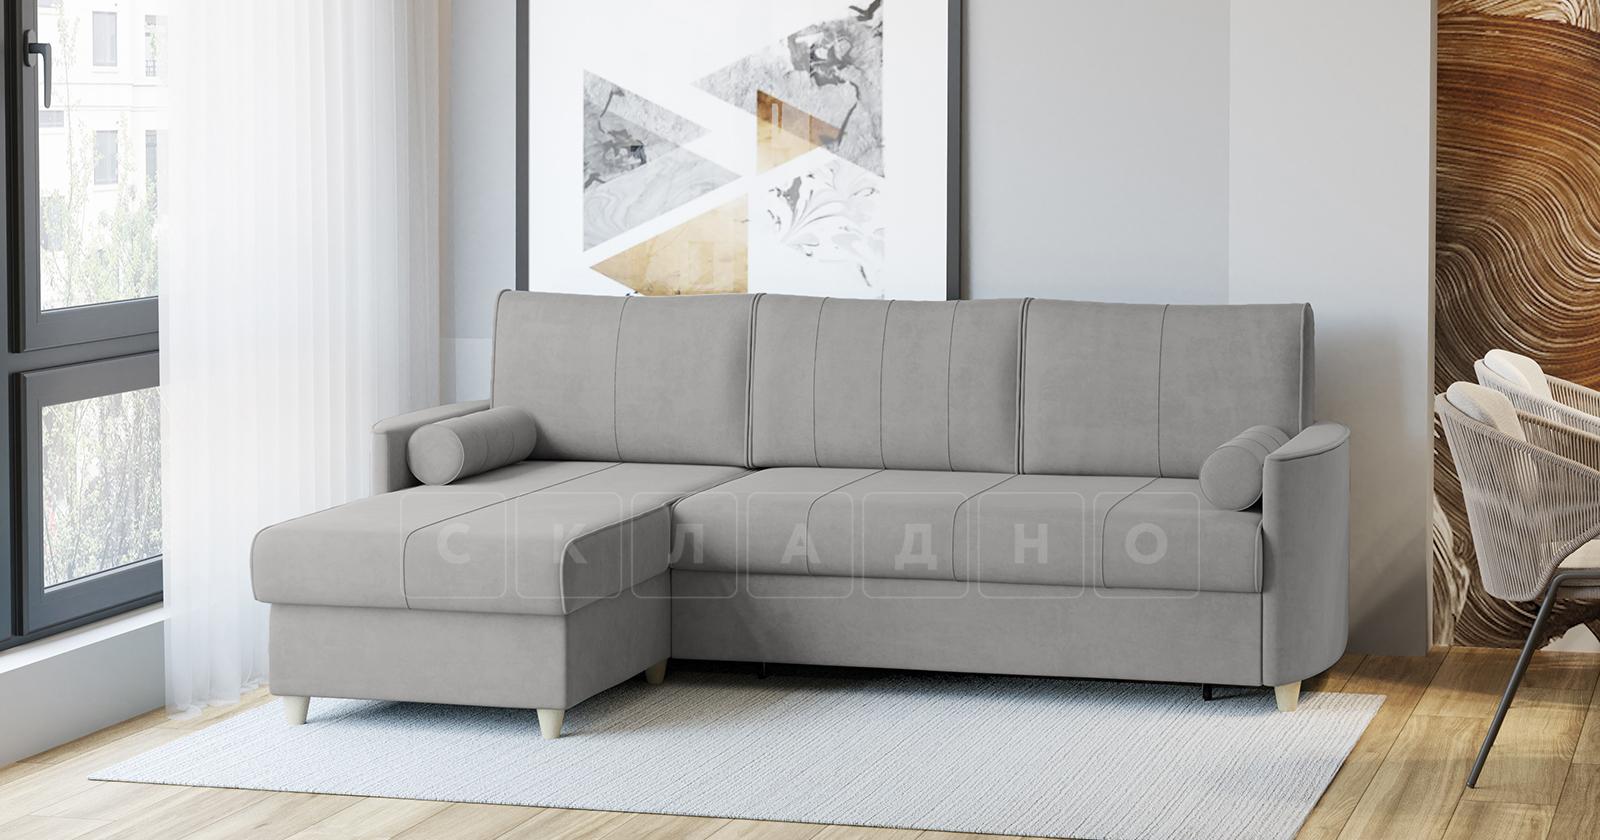 Угловой диван Лорен серебристый серый фото 15 | интернет-магазин Складно